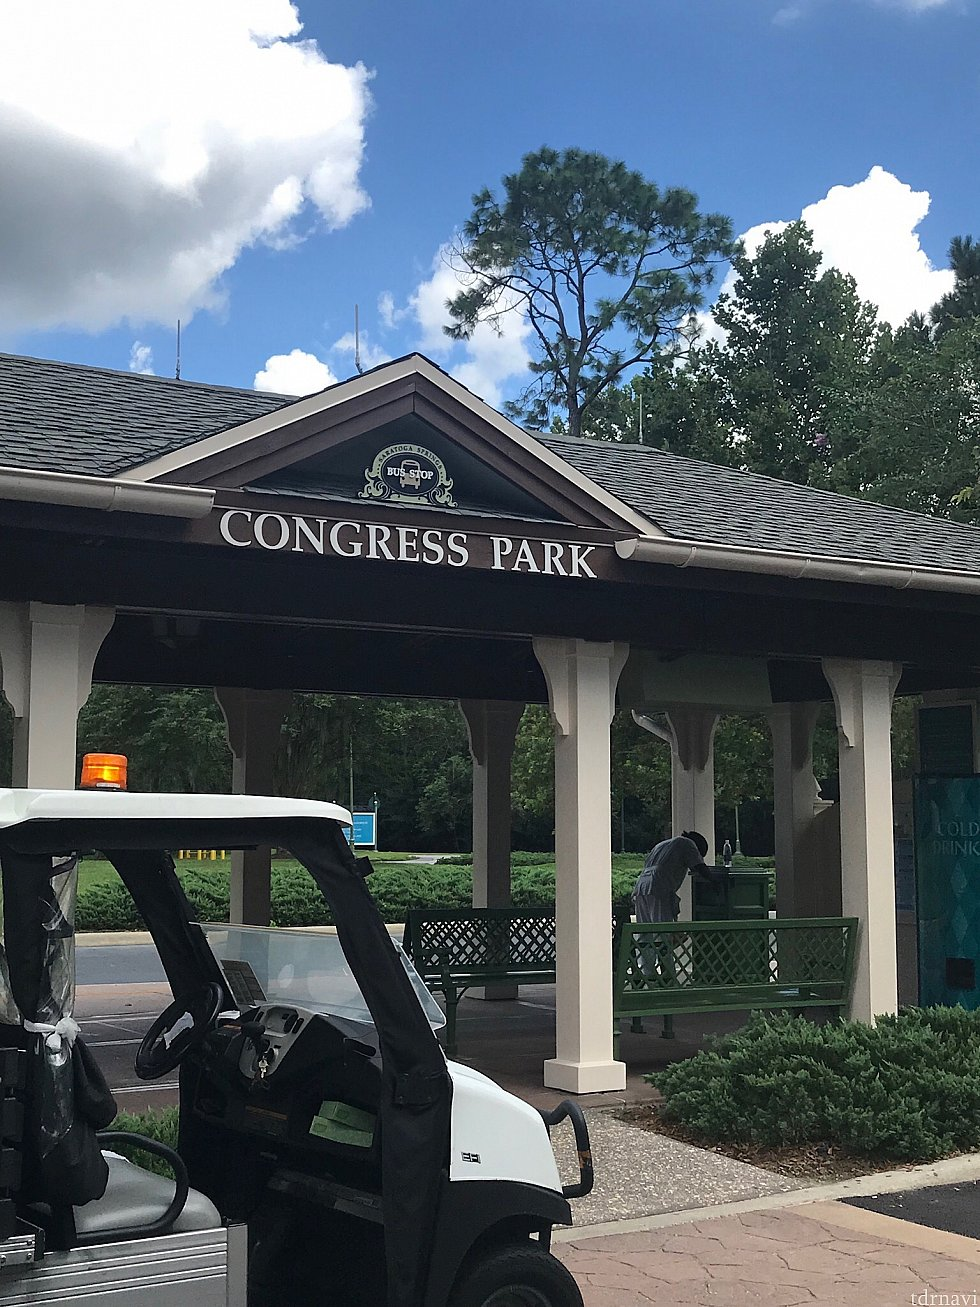 滞在したCongress parkエリアのバス停と移動用カート